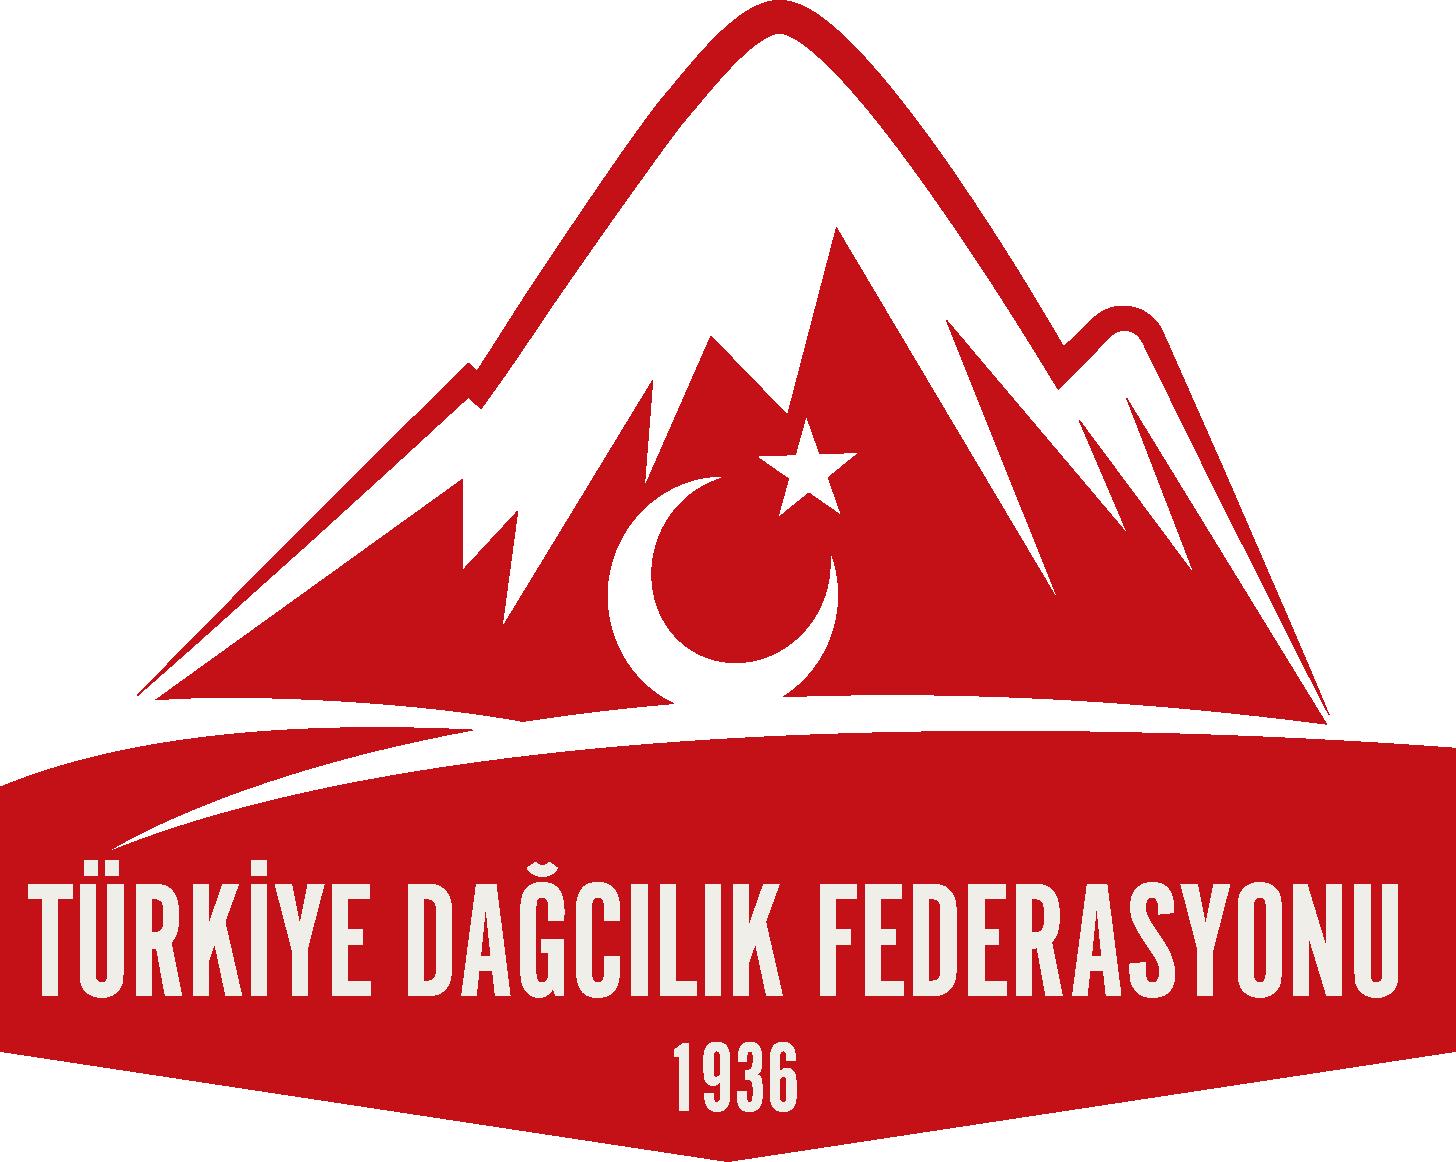 Türkiye Dağcılık Federasyonu Logo png